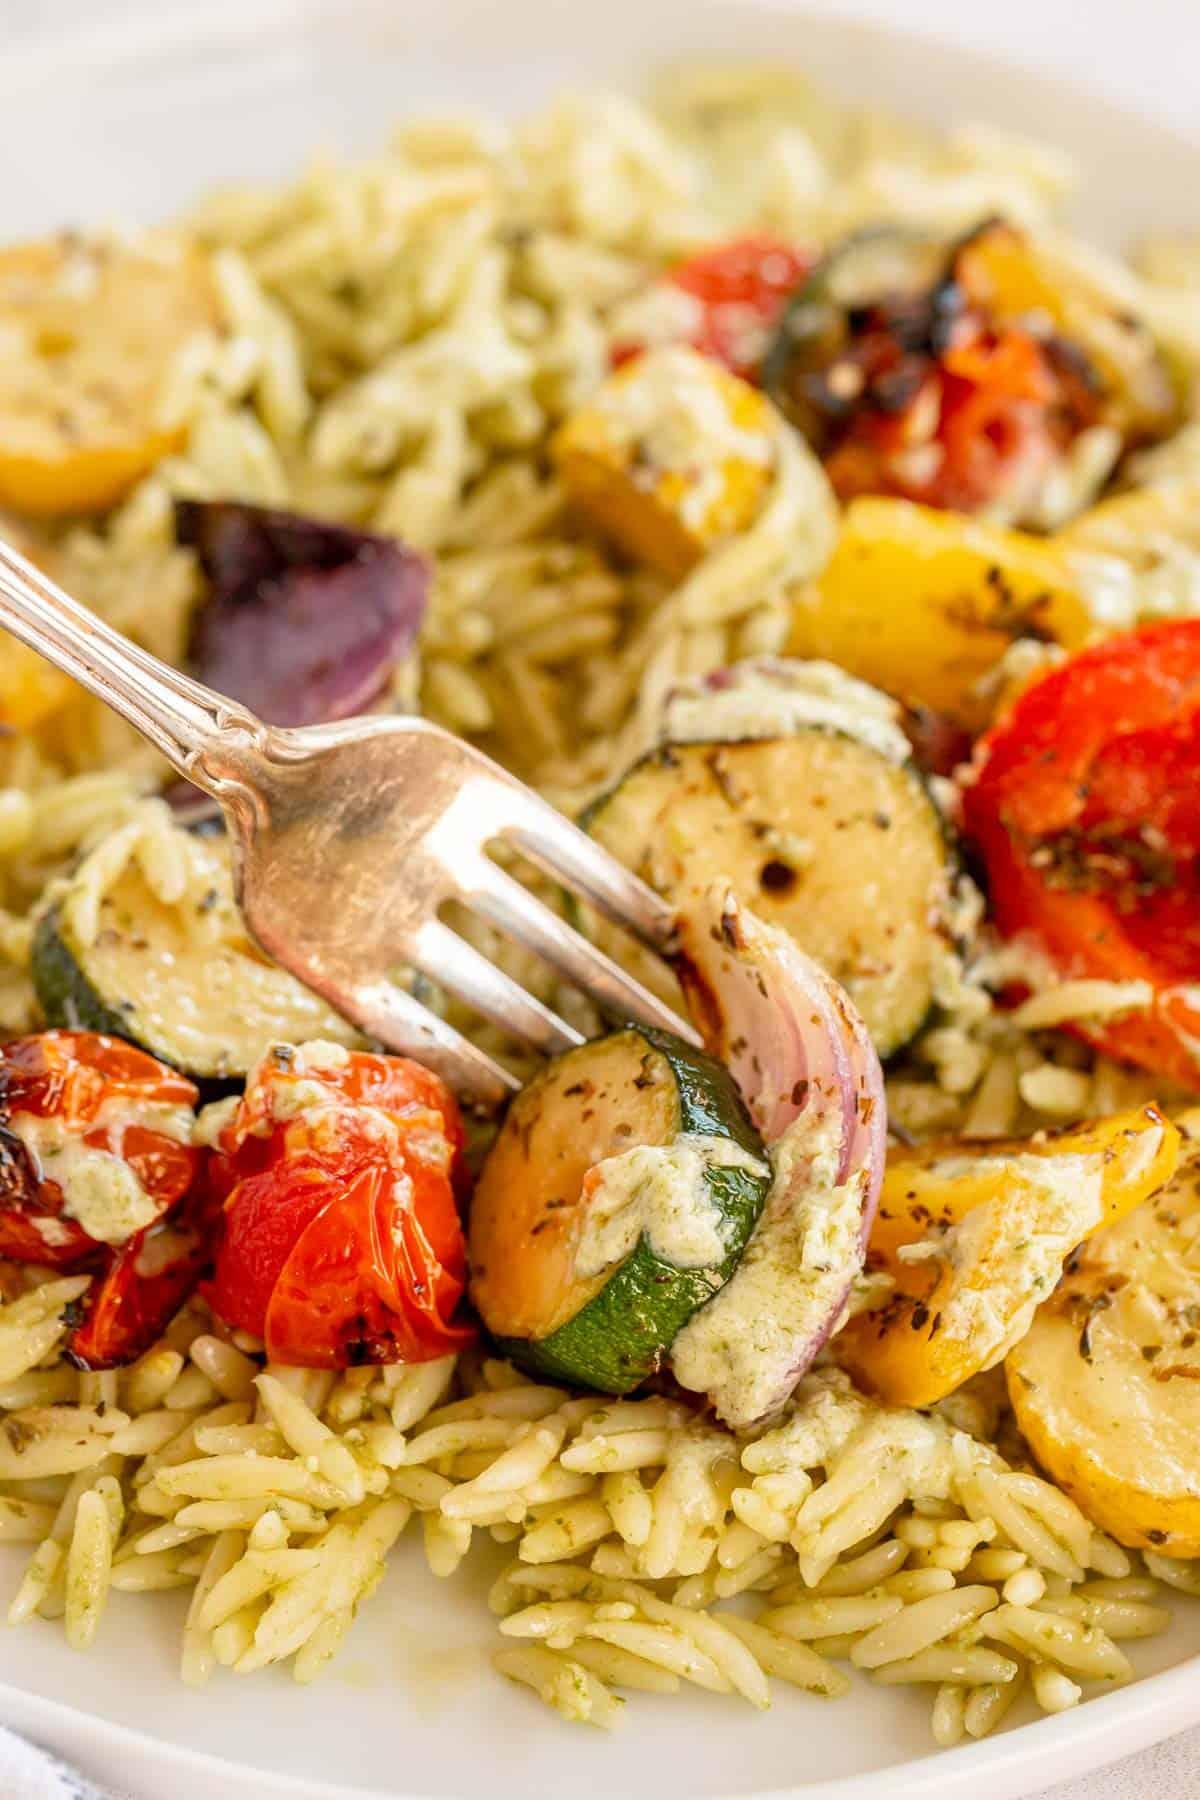 grilled vegetables on a fork